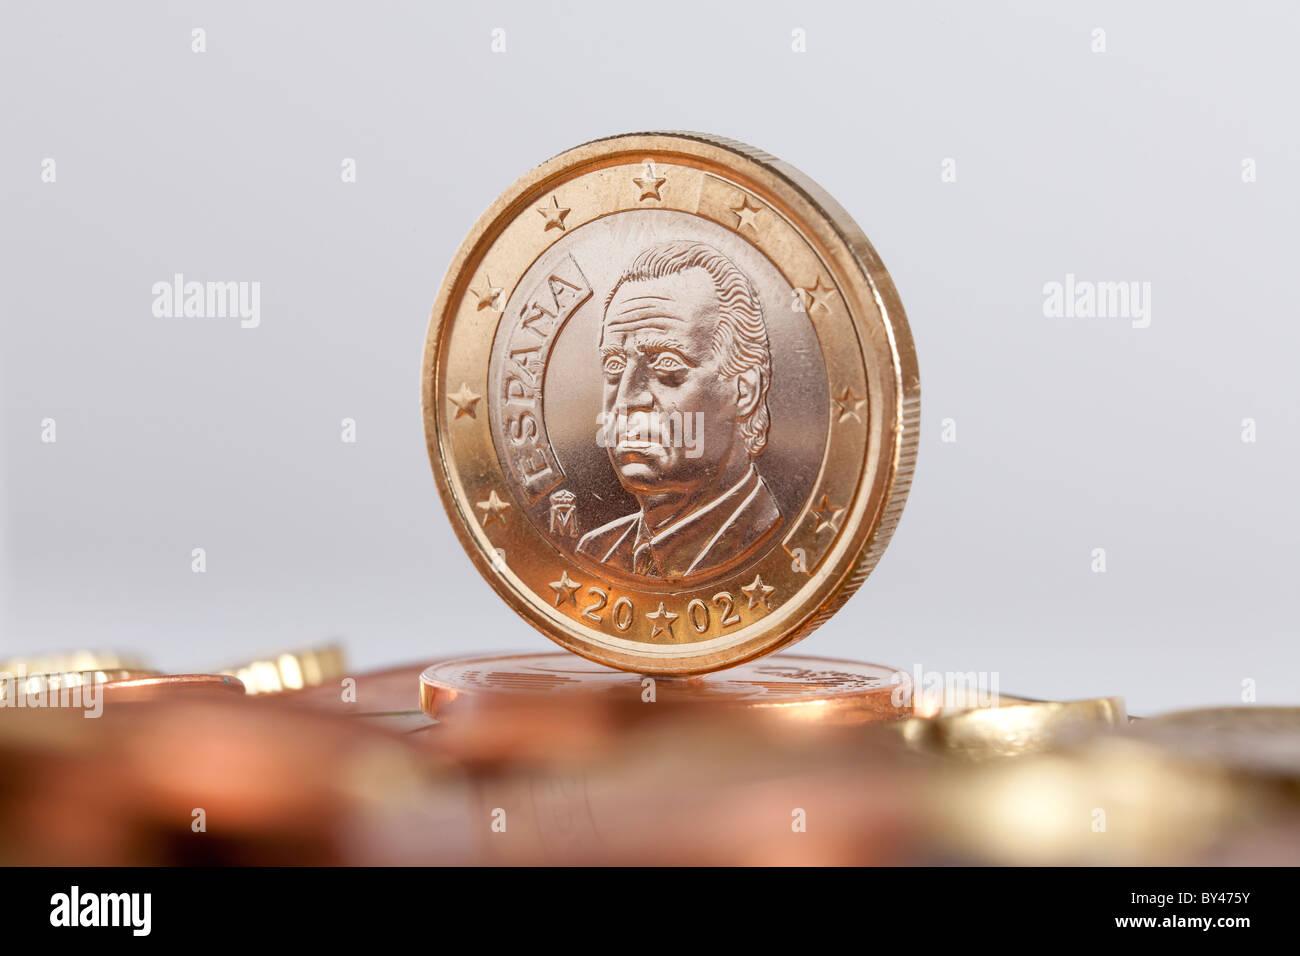 Spanisch 1 Euro Münze Stockfoto Bild 33899543 Alamy